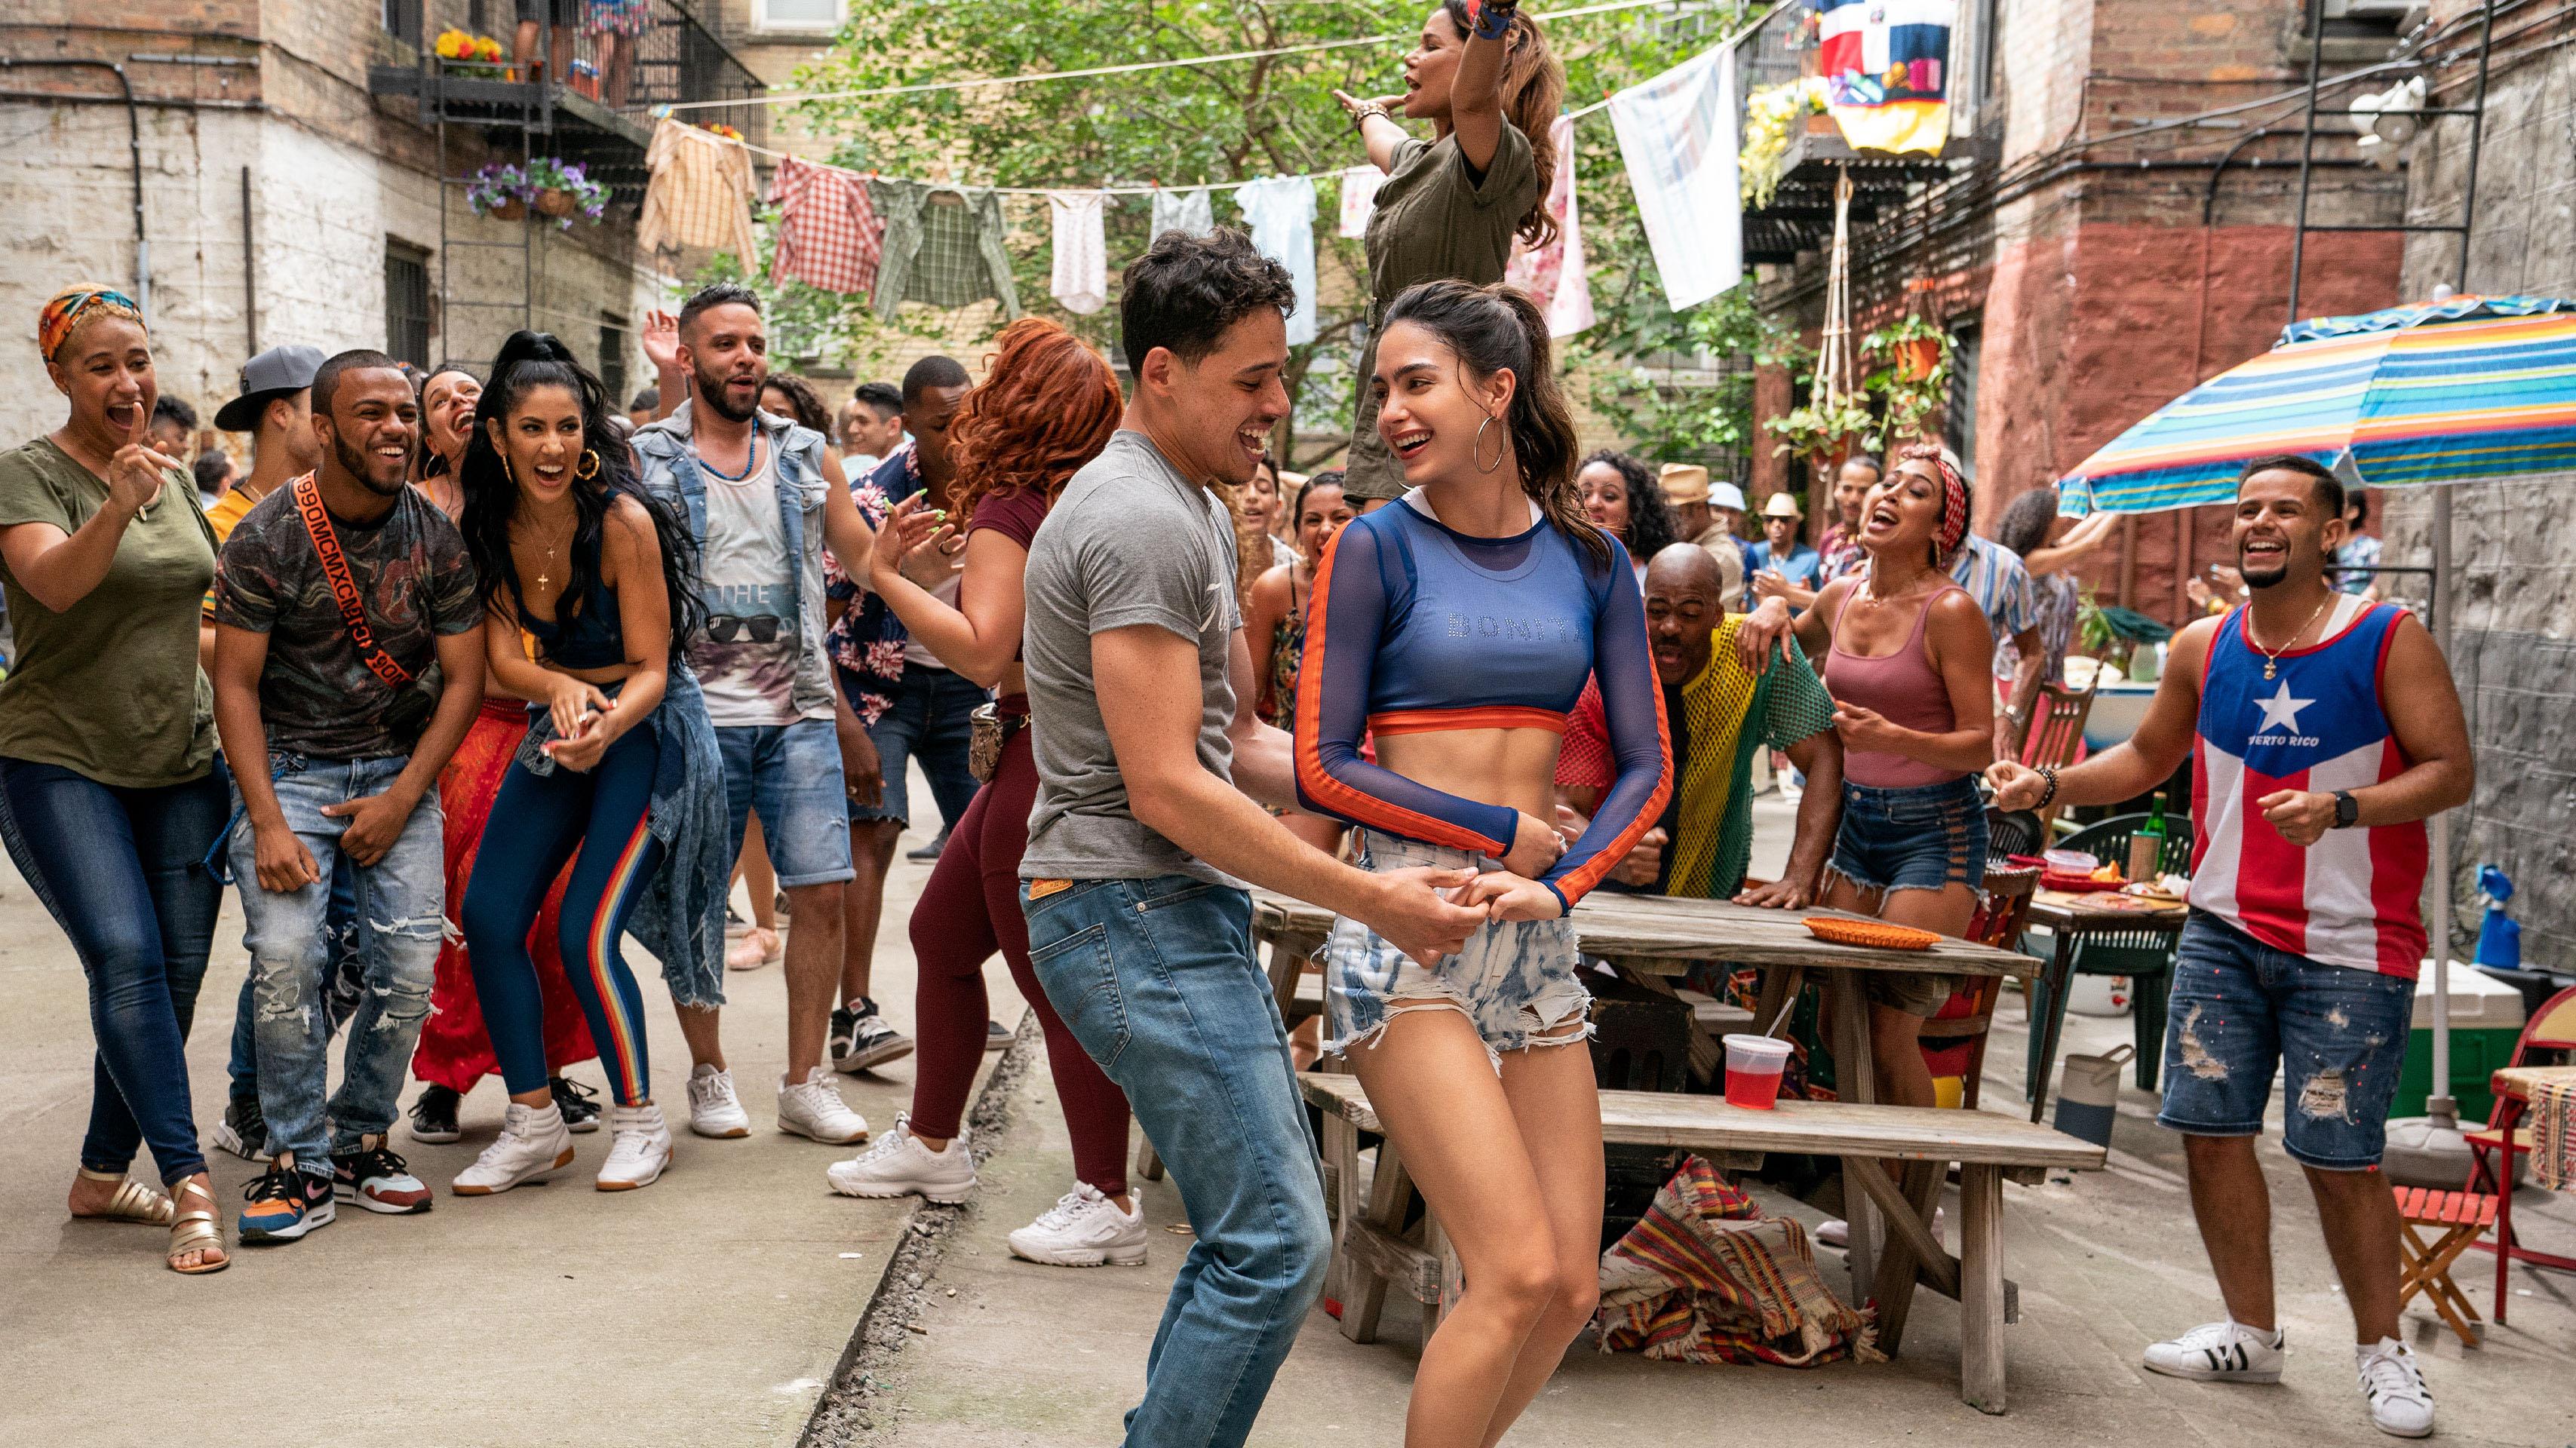 In the heights, en el barrio, musical, movie, warner bros